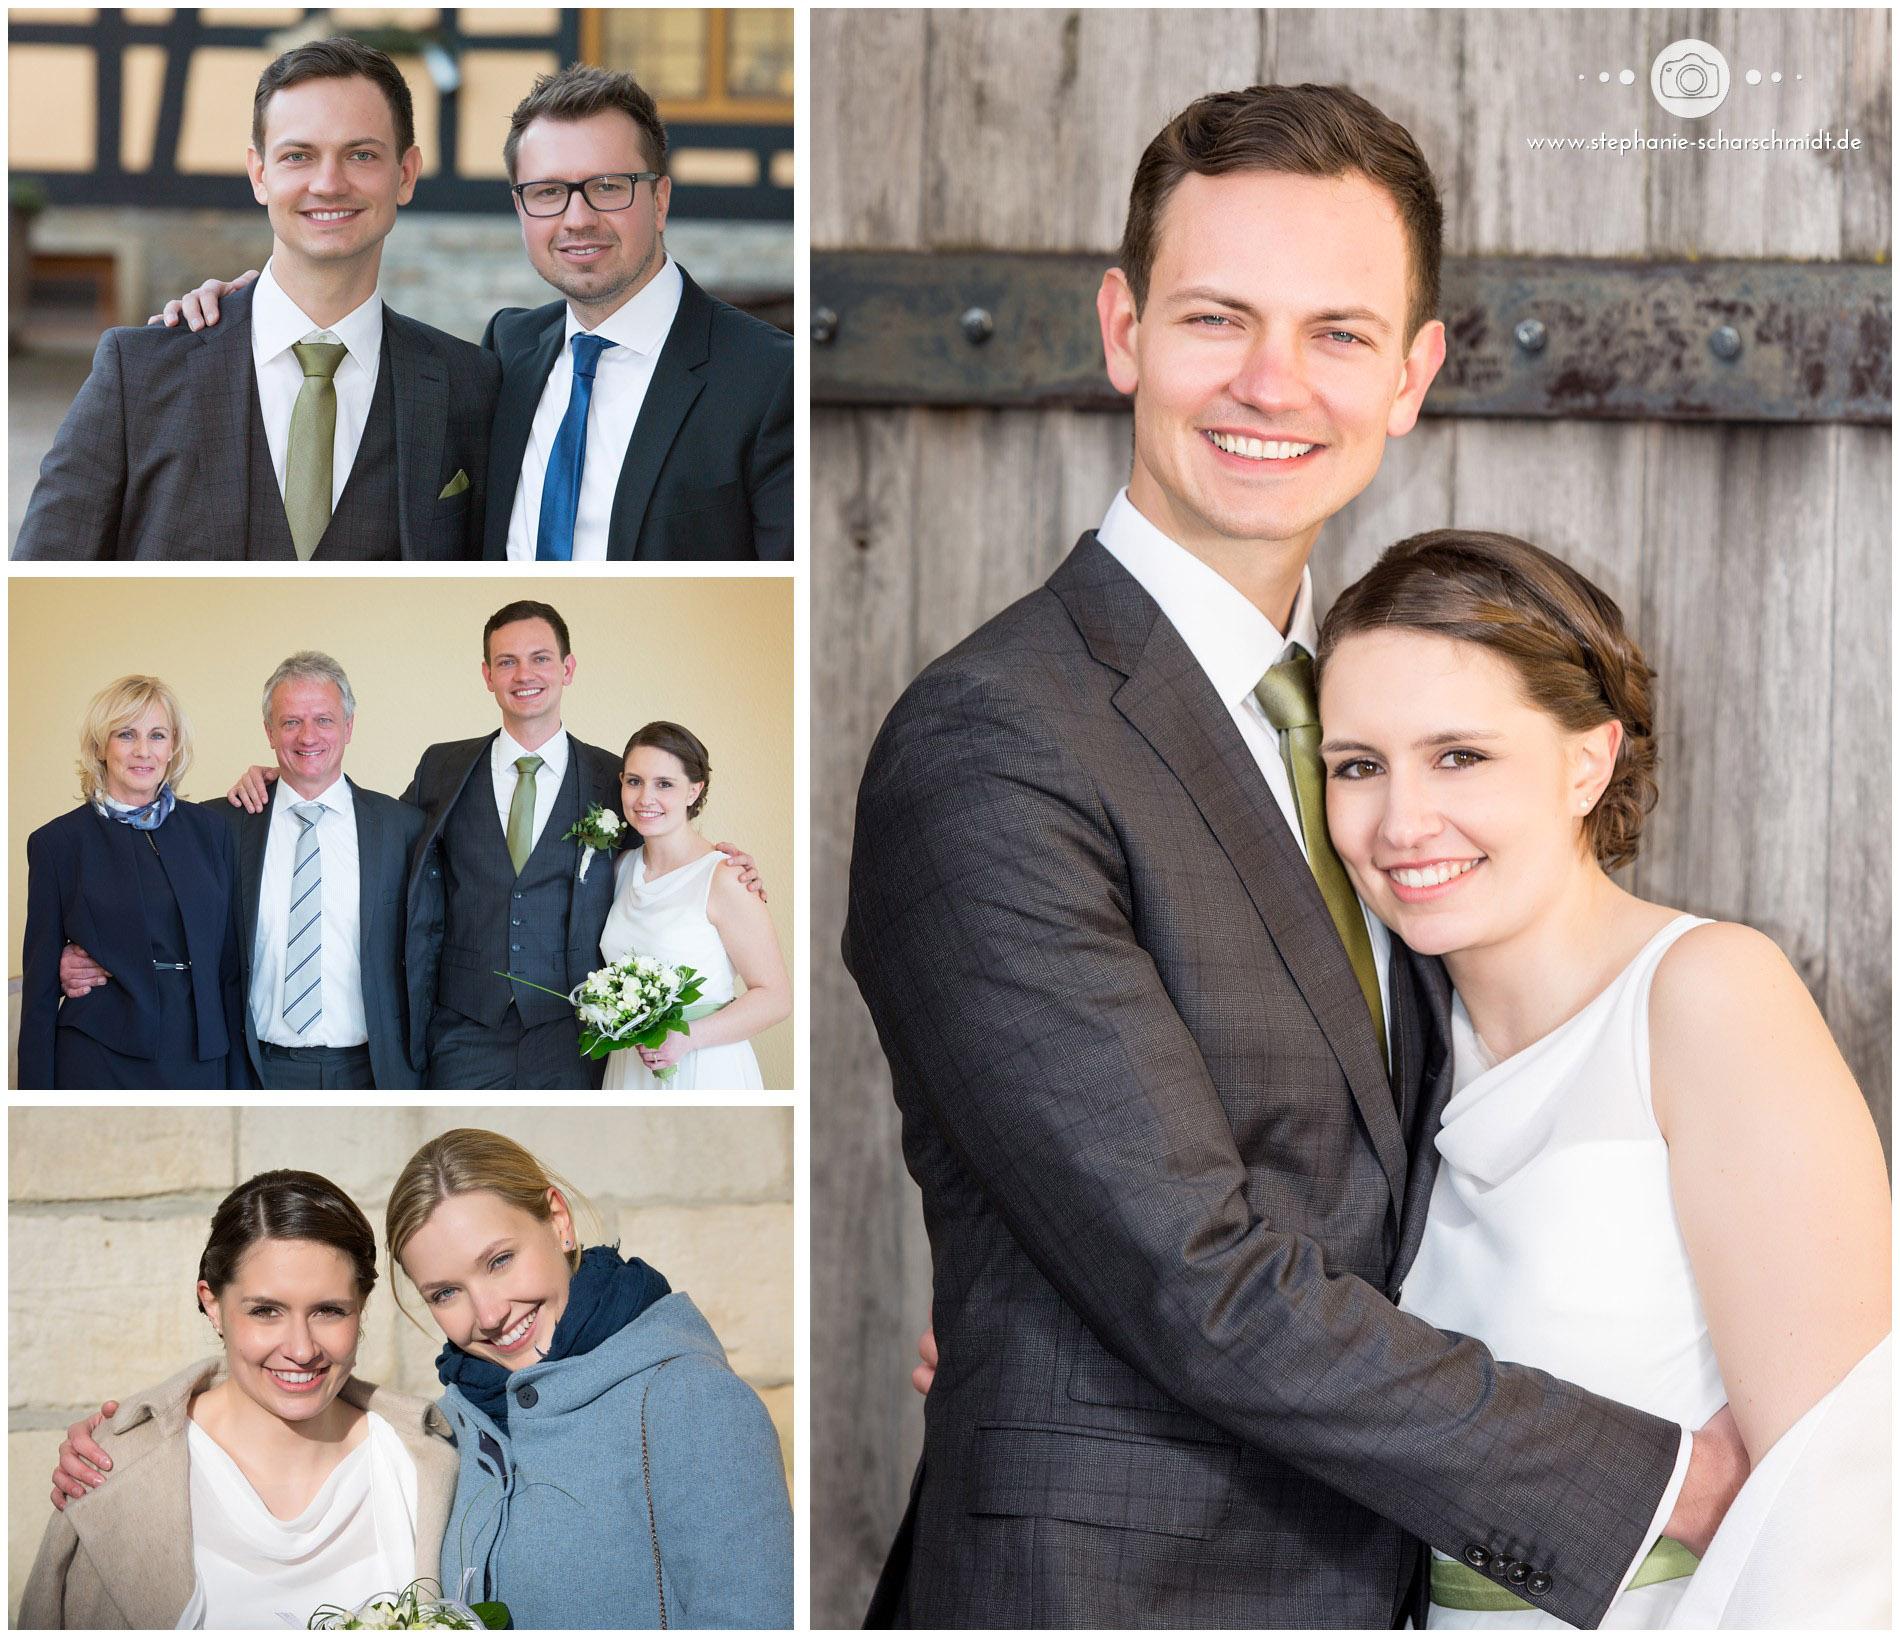 12 – Gruppenfotos – Naturhotel Etzdorfer Hof - Saale-Holzland-Kreis – Hochzeitsfotograf Gera – Hochzeitsfotografin Stephanie Scharschmidt